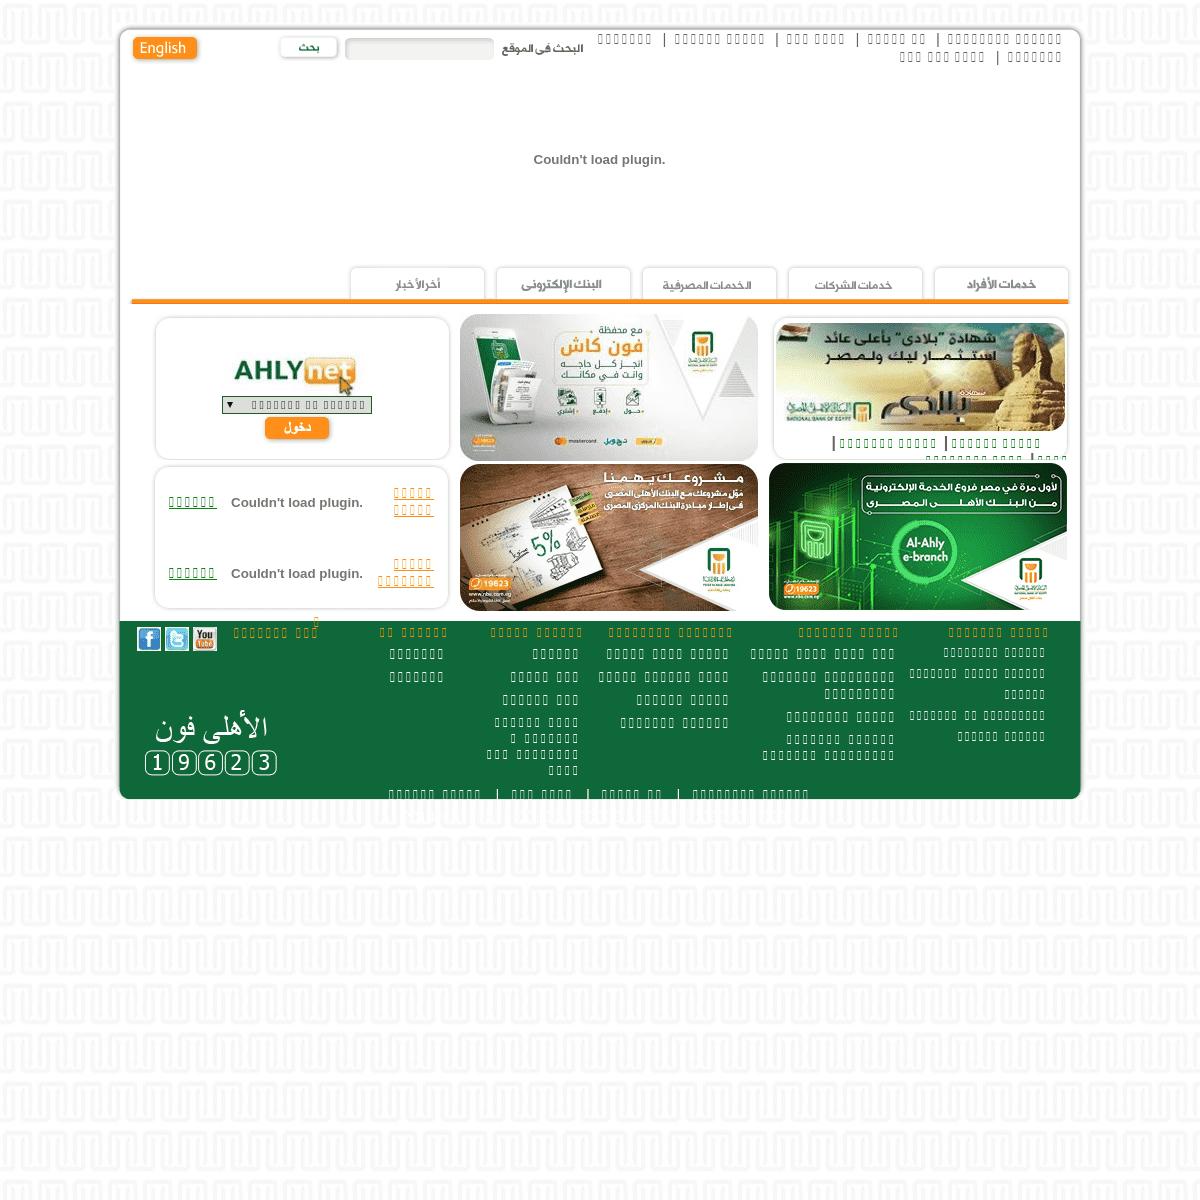 البنك الأهلي المصري الصفحة الرئيسية Nbe Com Eg Citation Archivebay Com